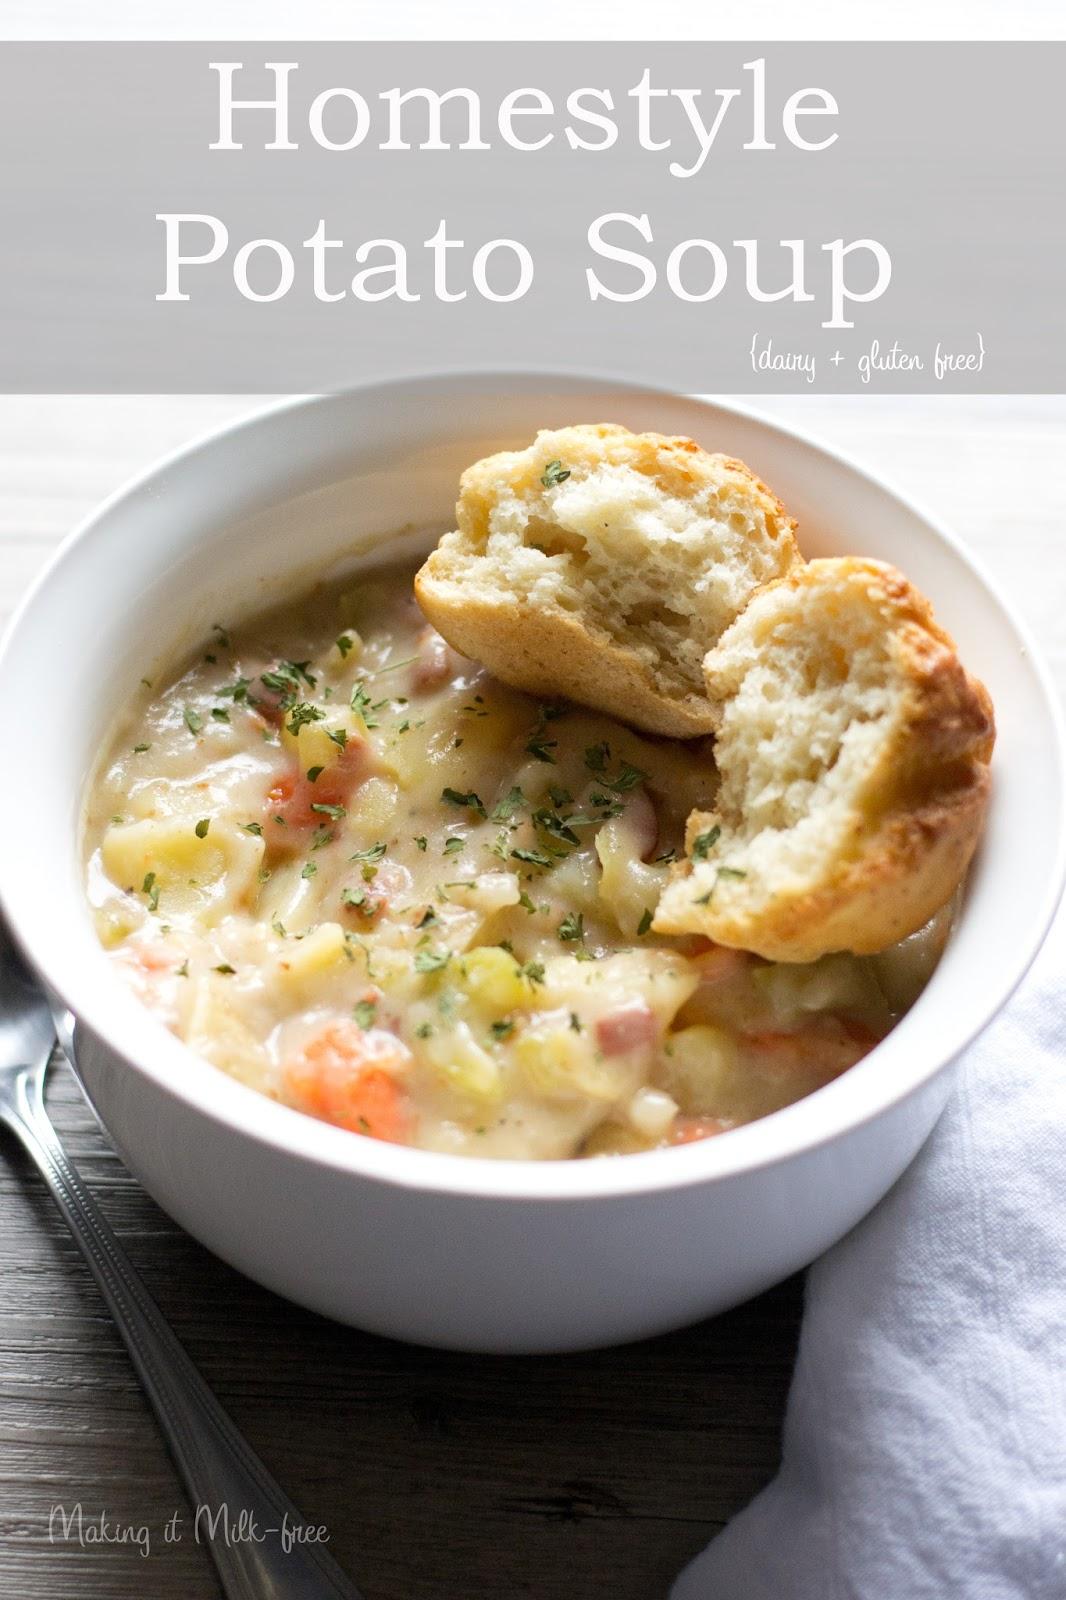 Home style potato soup recipe